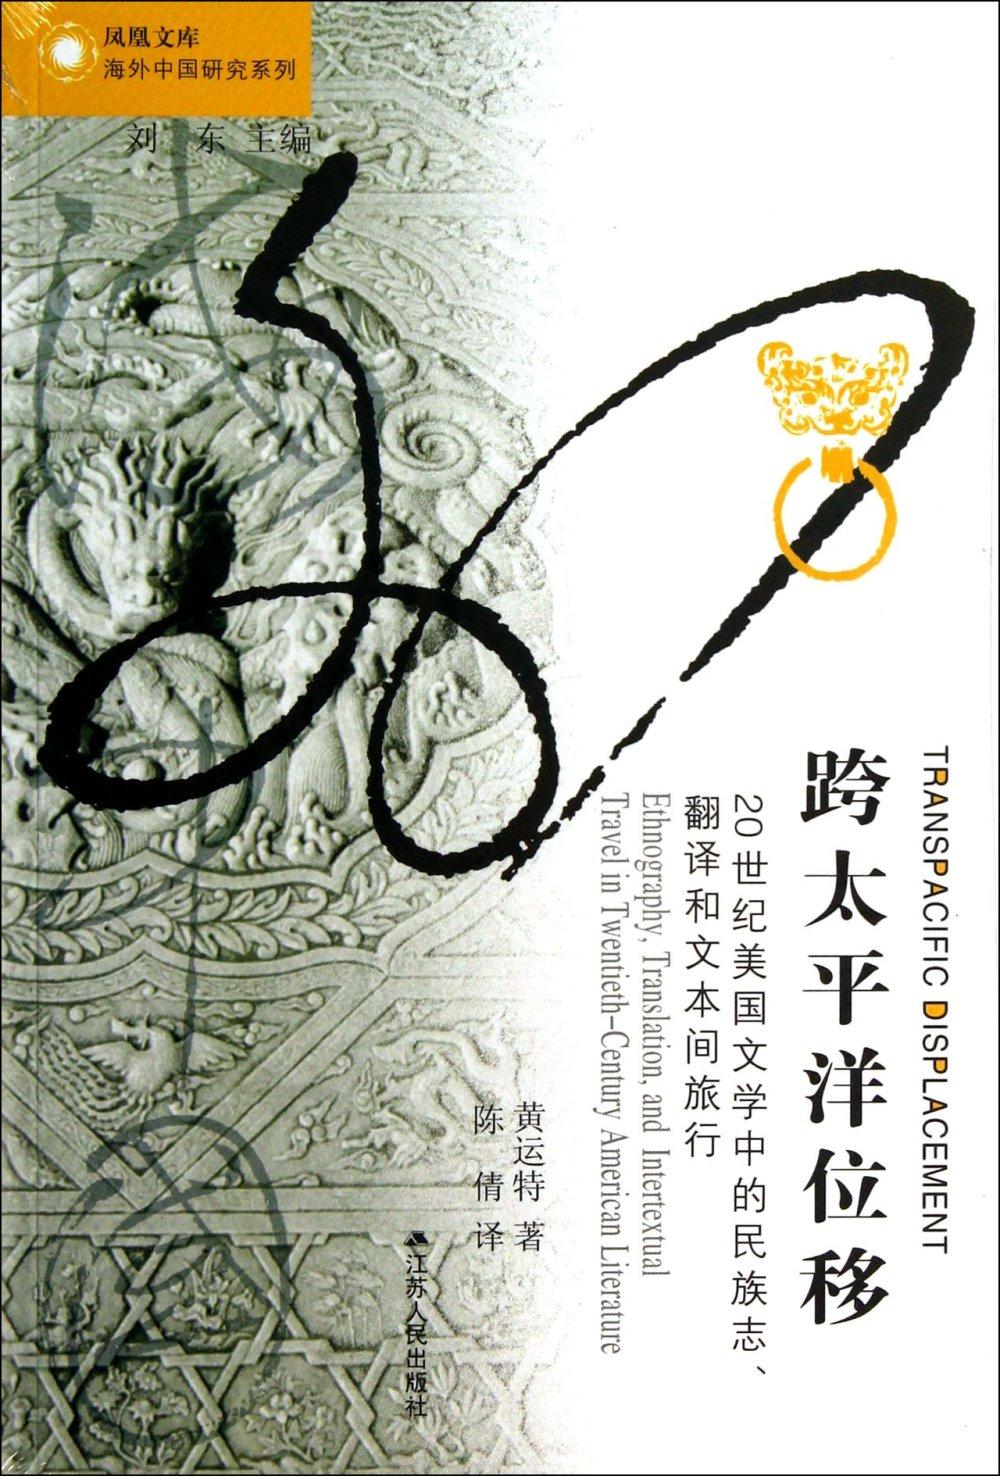 跨太平洋位移:20世紀美國文學中的民族志、翻譯和文本間旅行